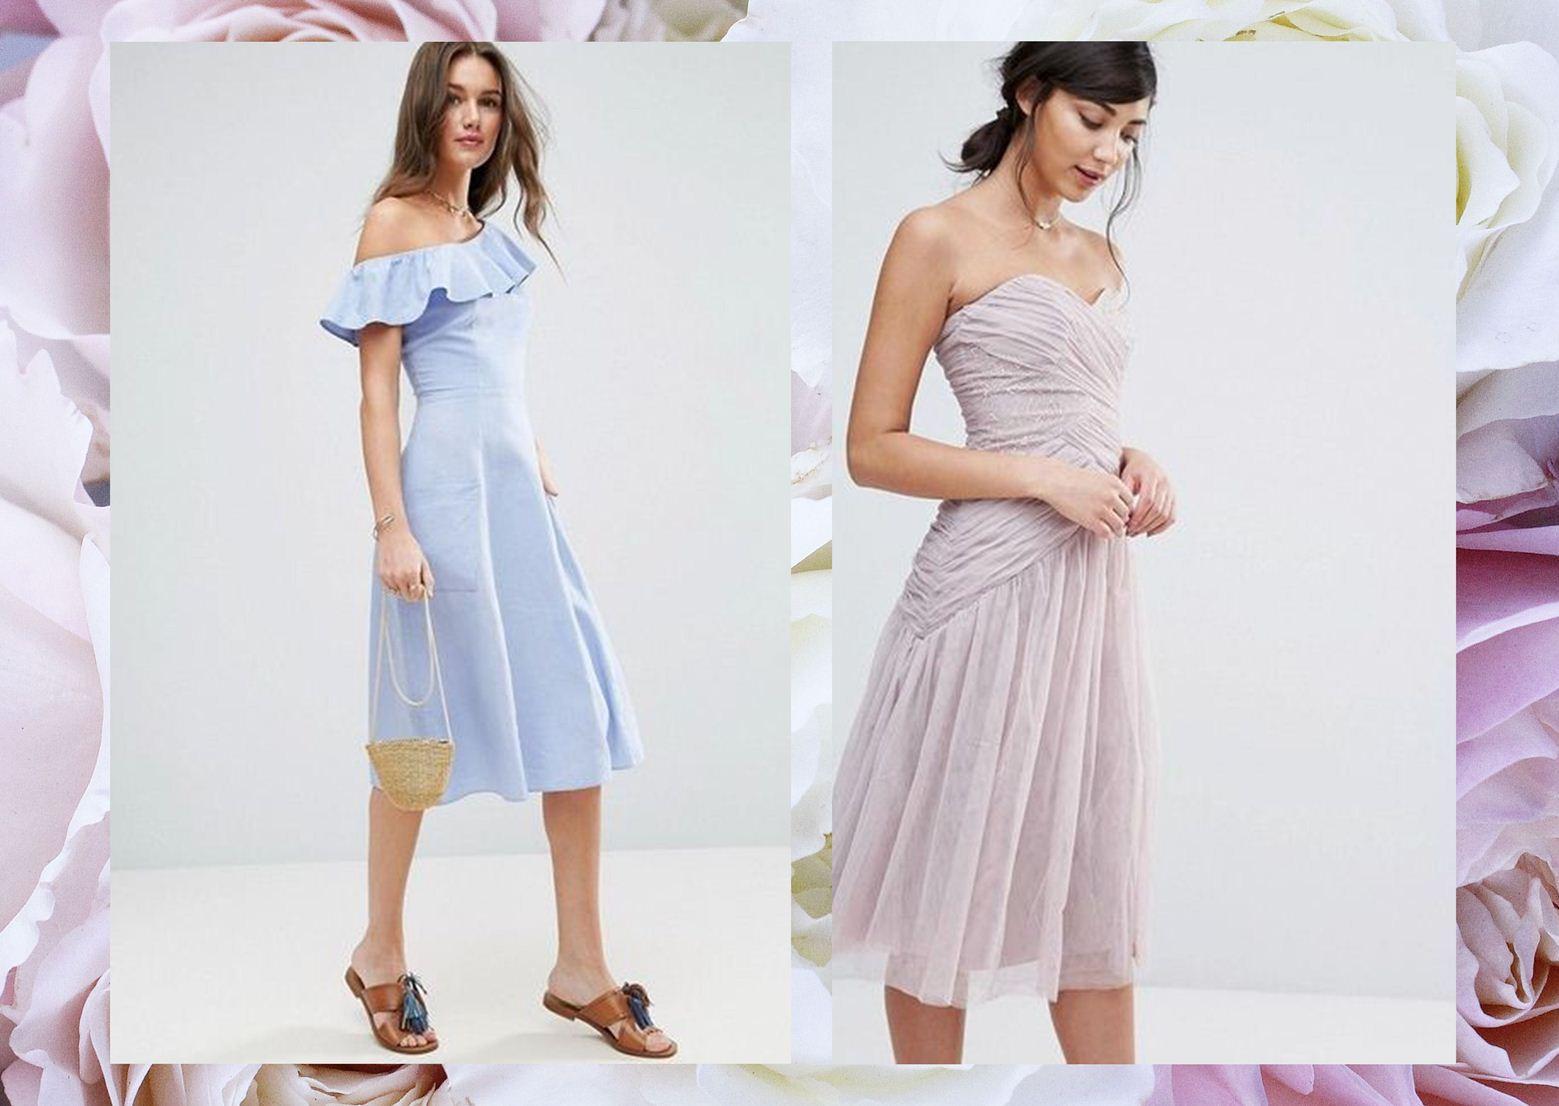 Kleider 2 hochzeit